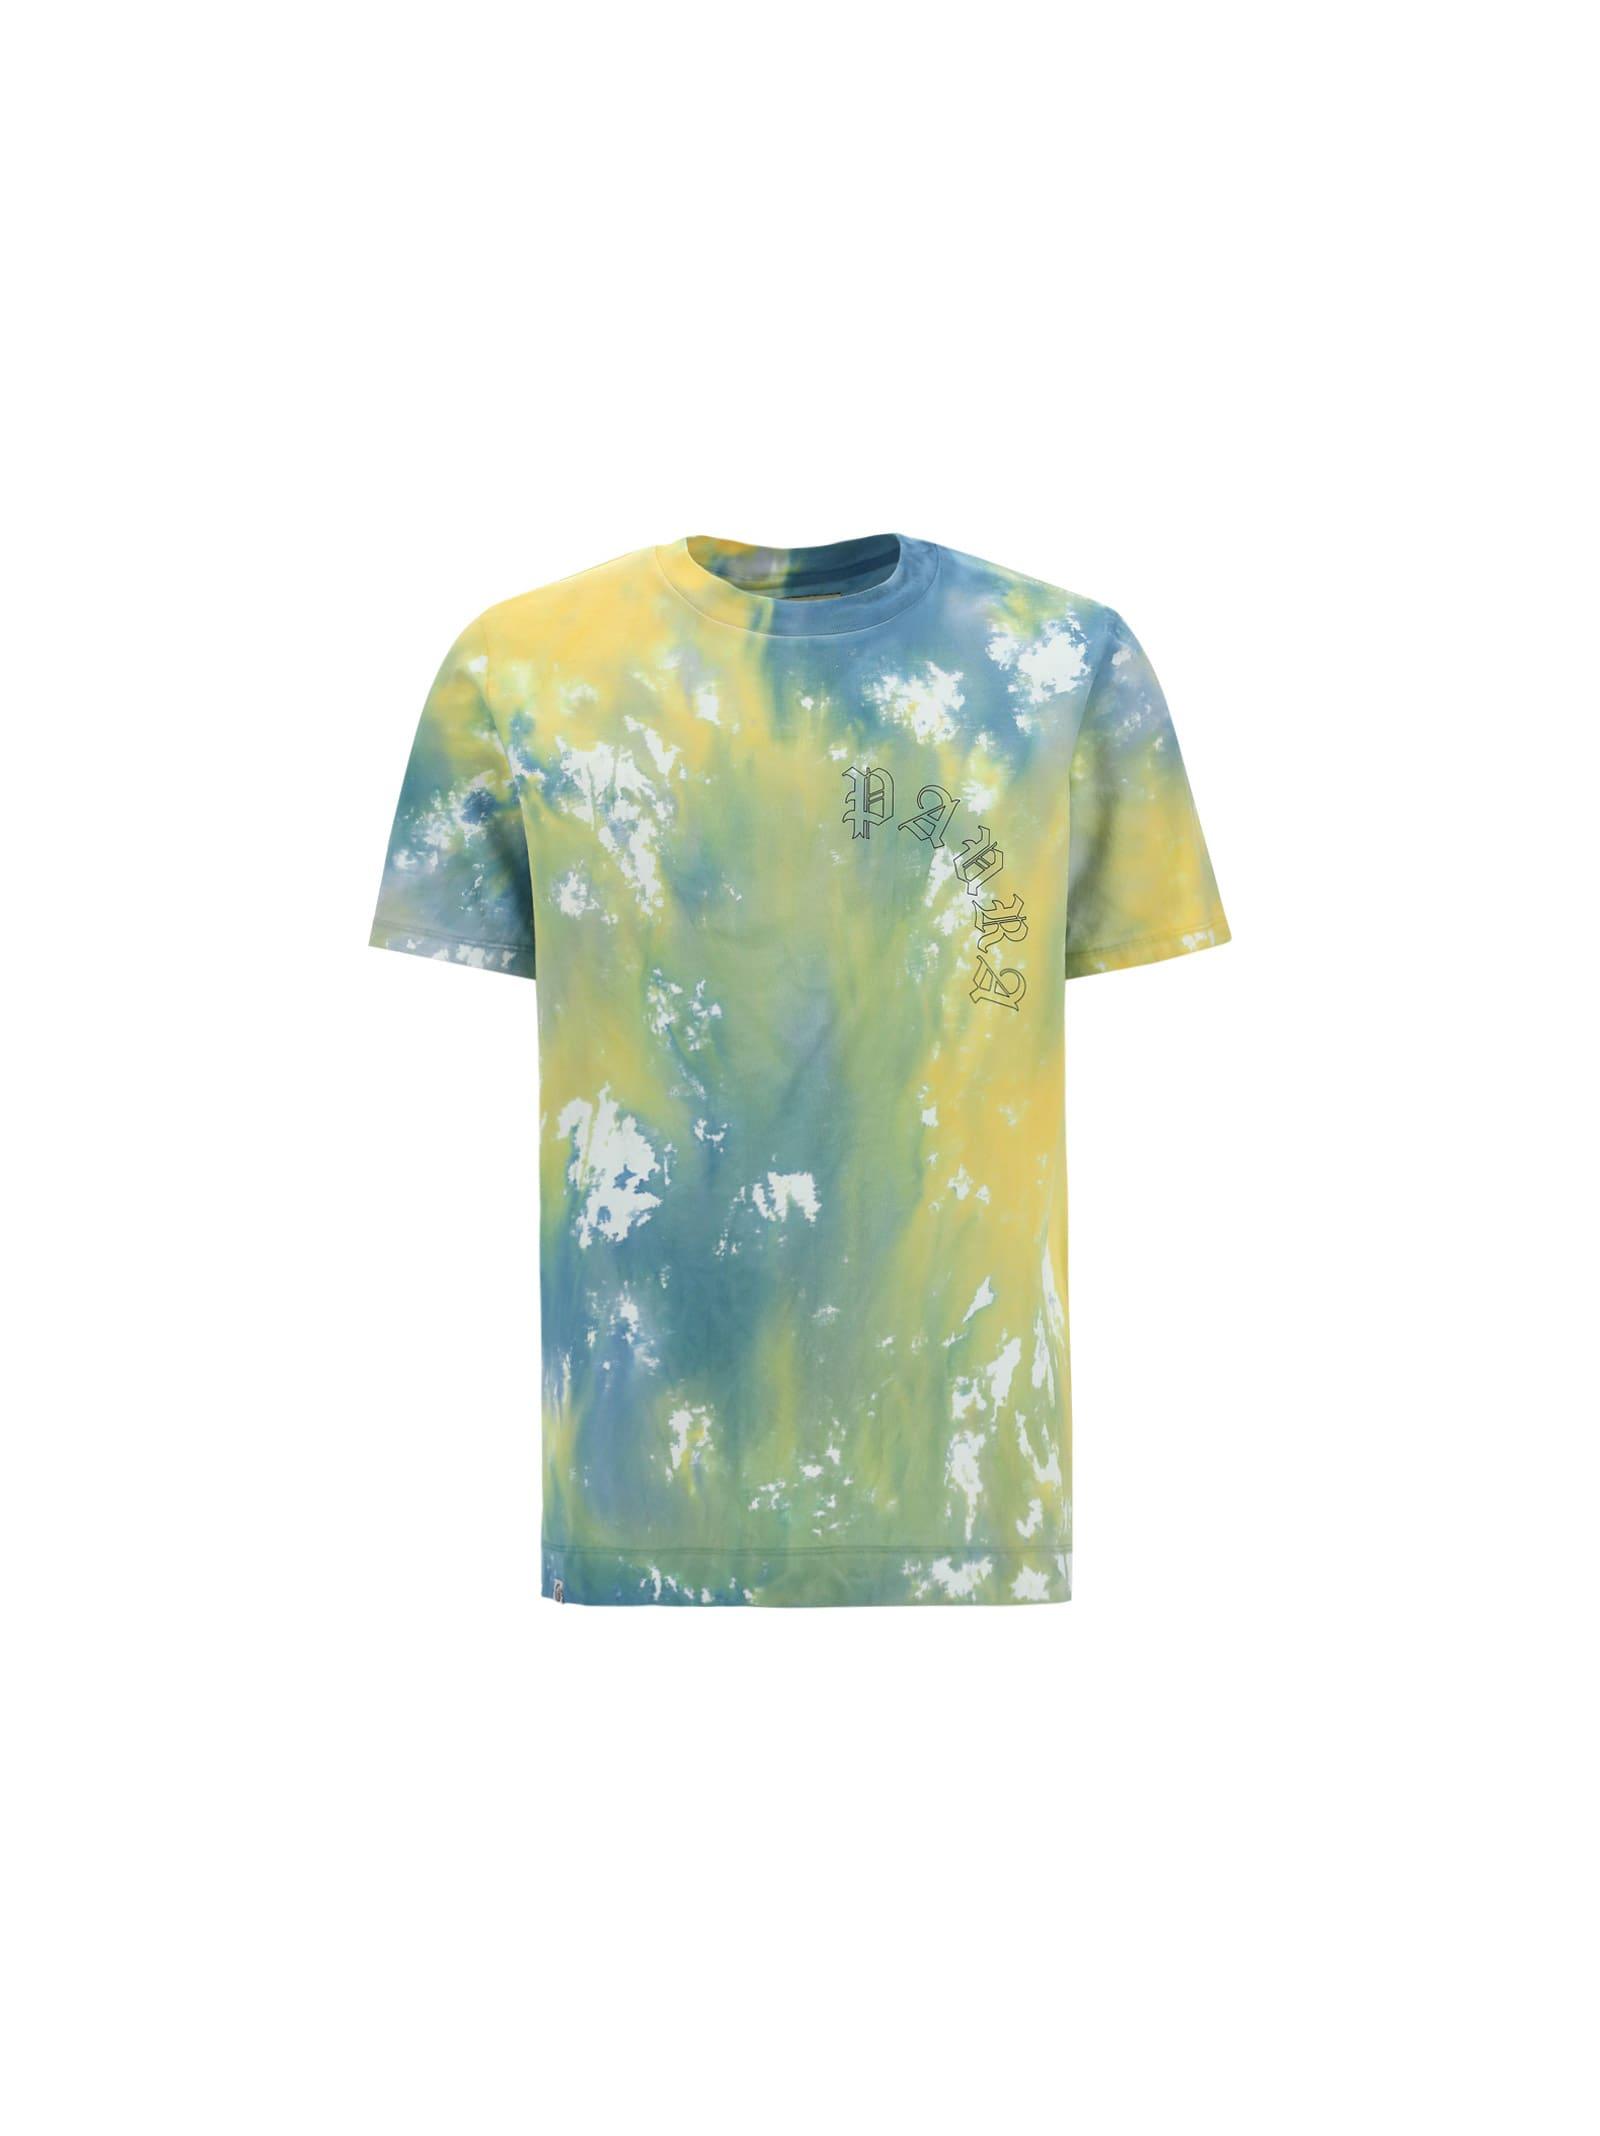 Danilo Paura T-shirts T-SHIRT BY DANILO PAURA